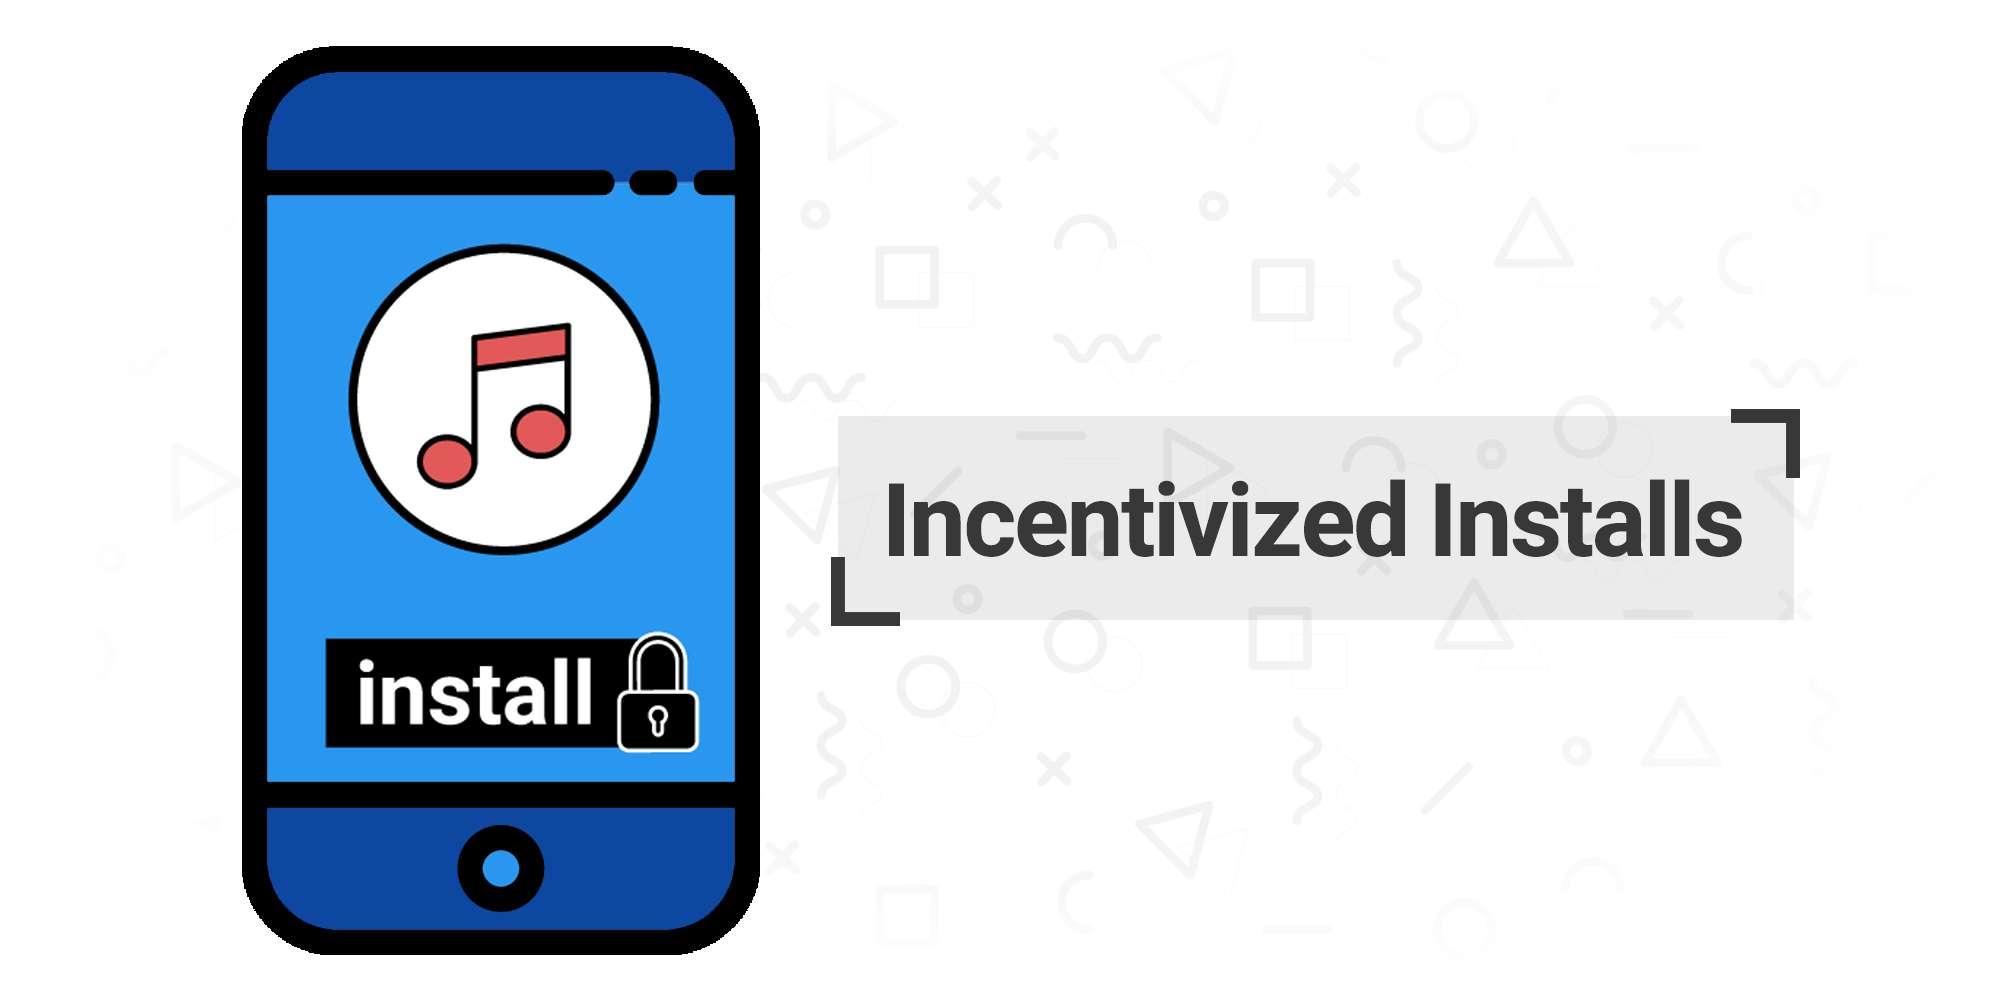 نصب تشویقی یکی از انواع تقلب موبایلی است که منجر به نصب تقلبی اپلیکیشن می شود